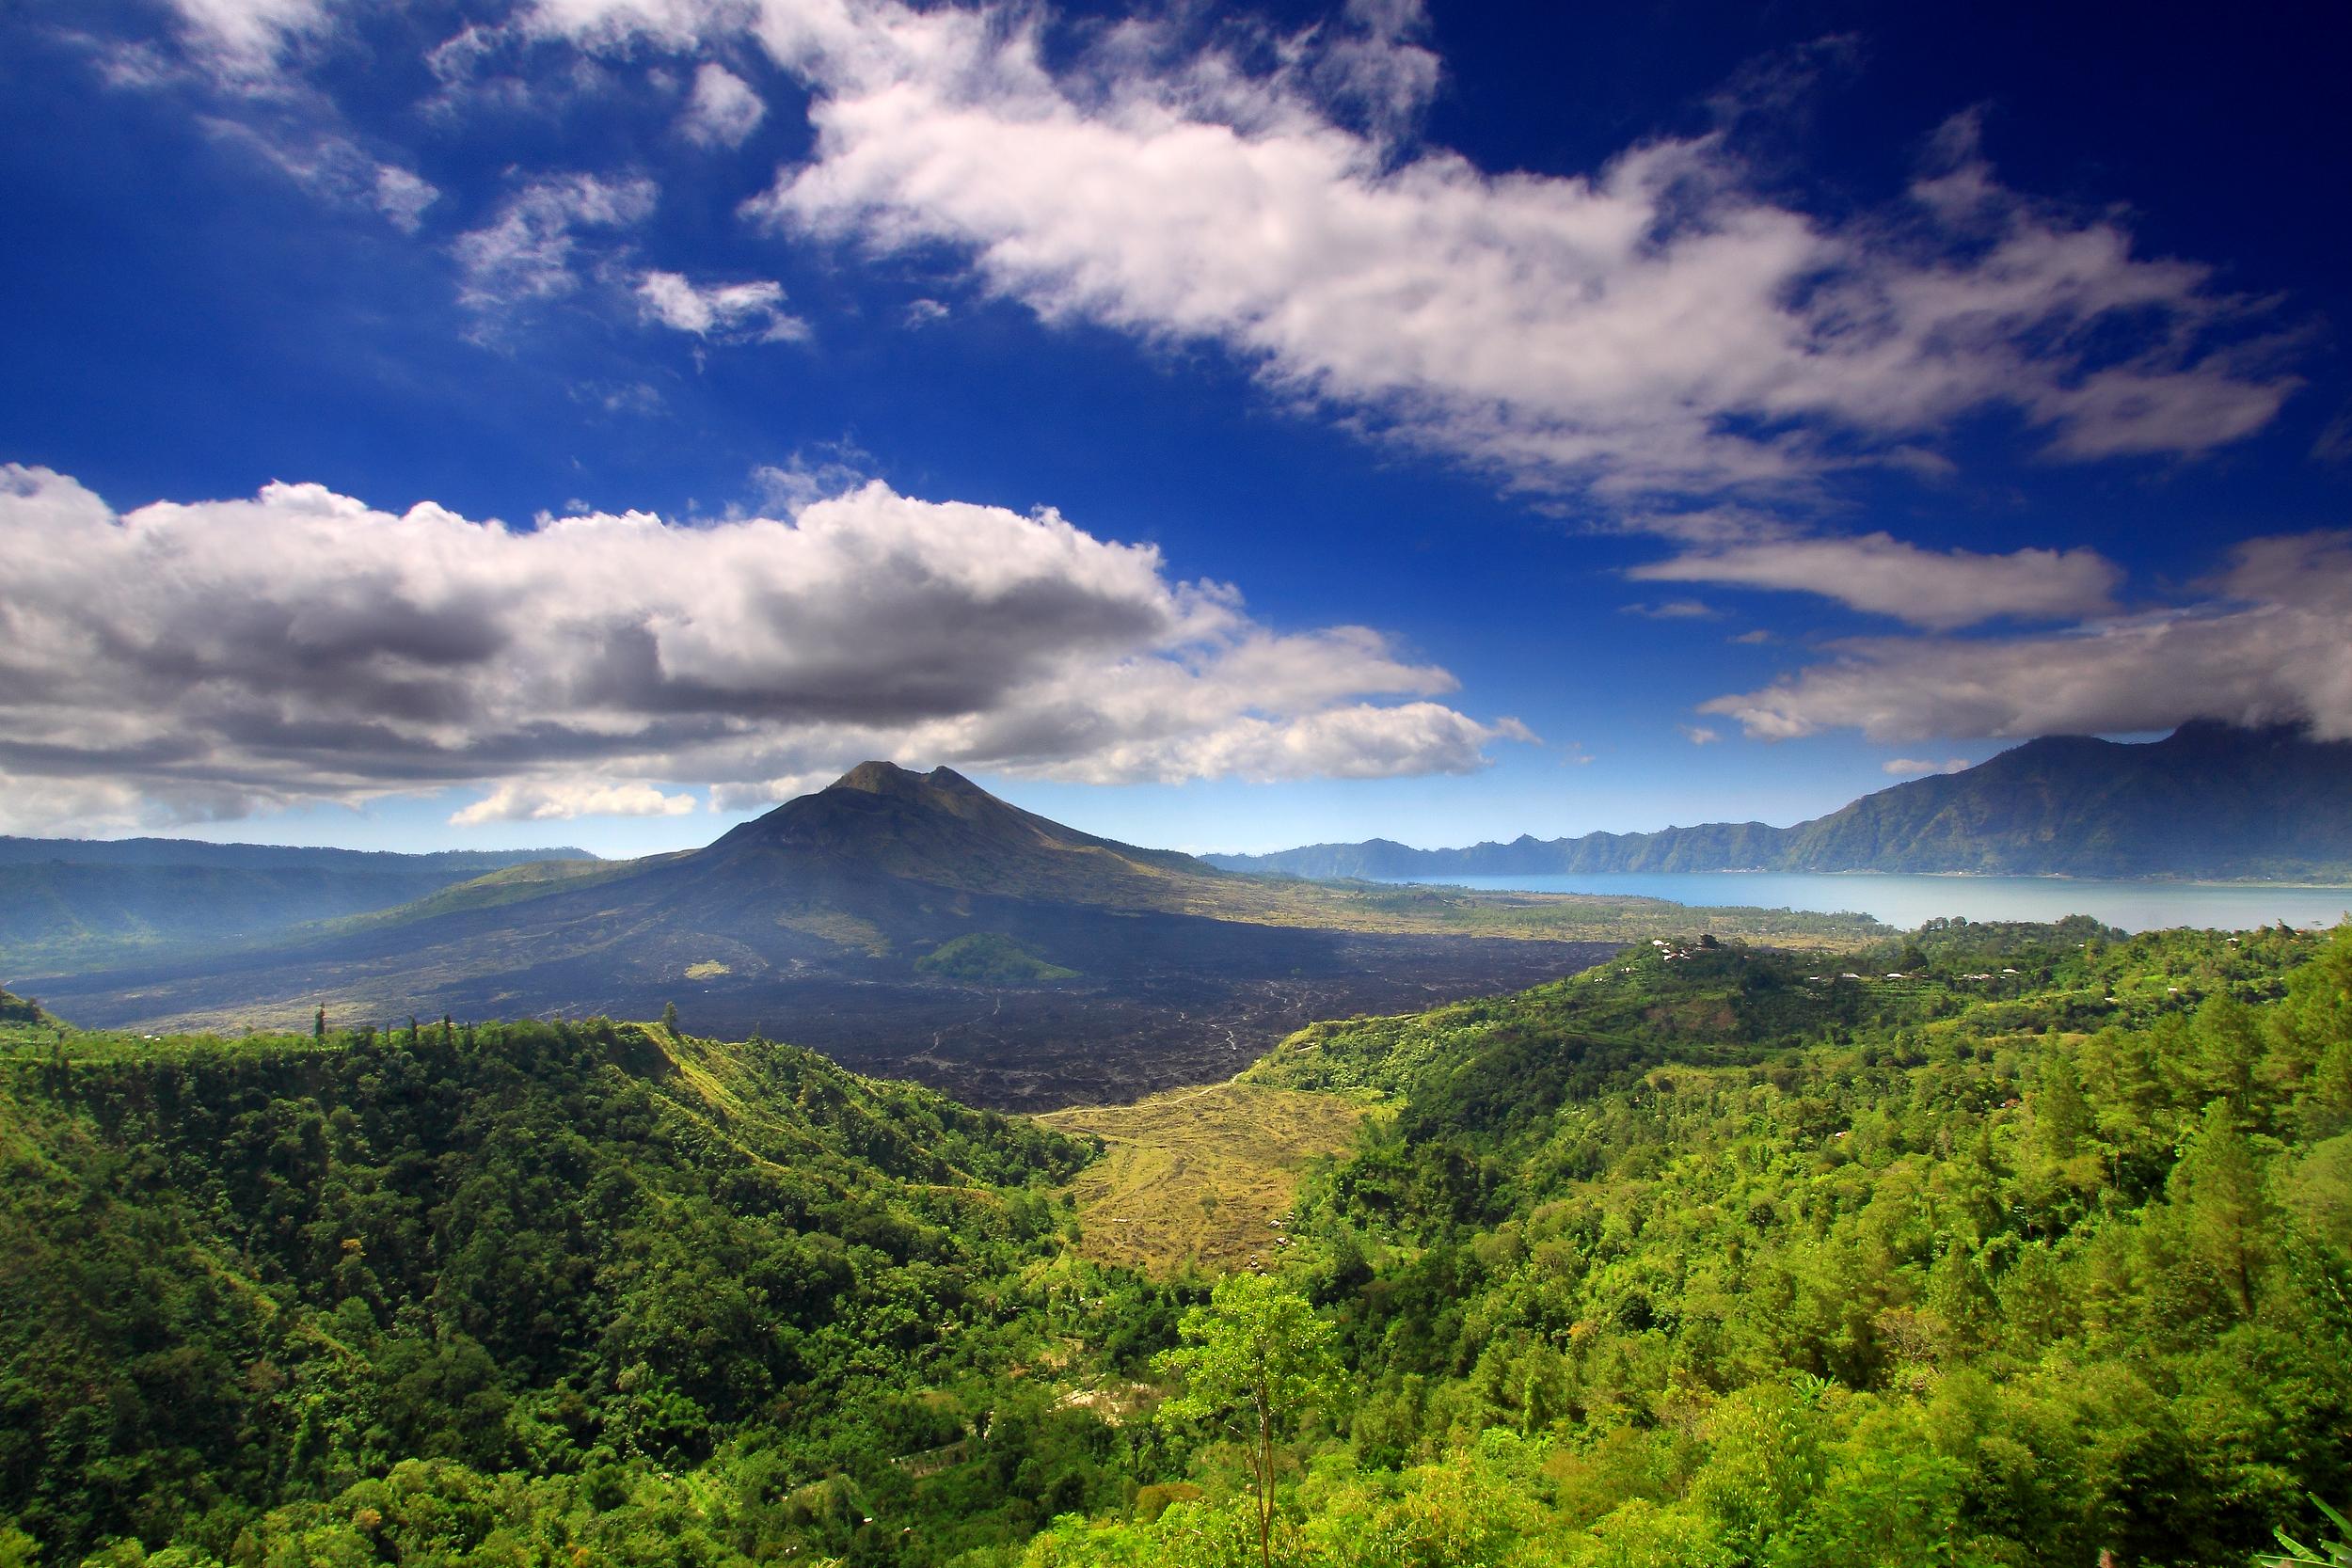 Sube al Monte Batur